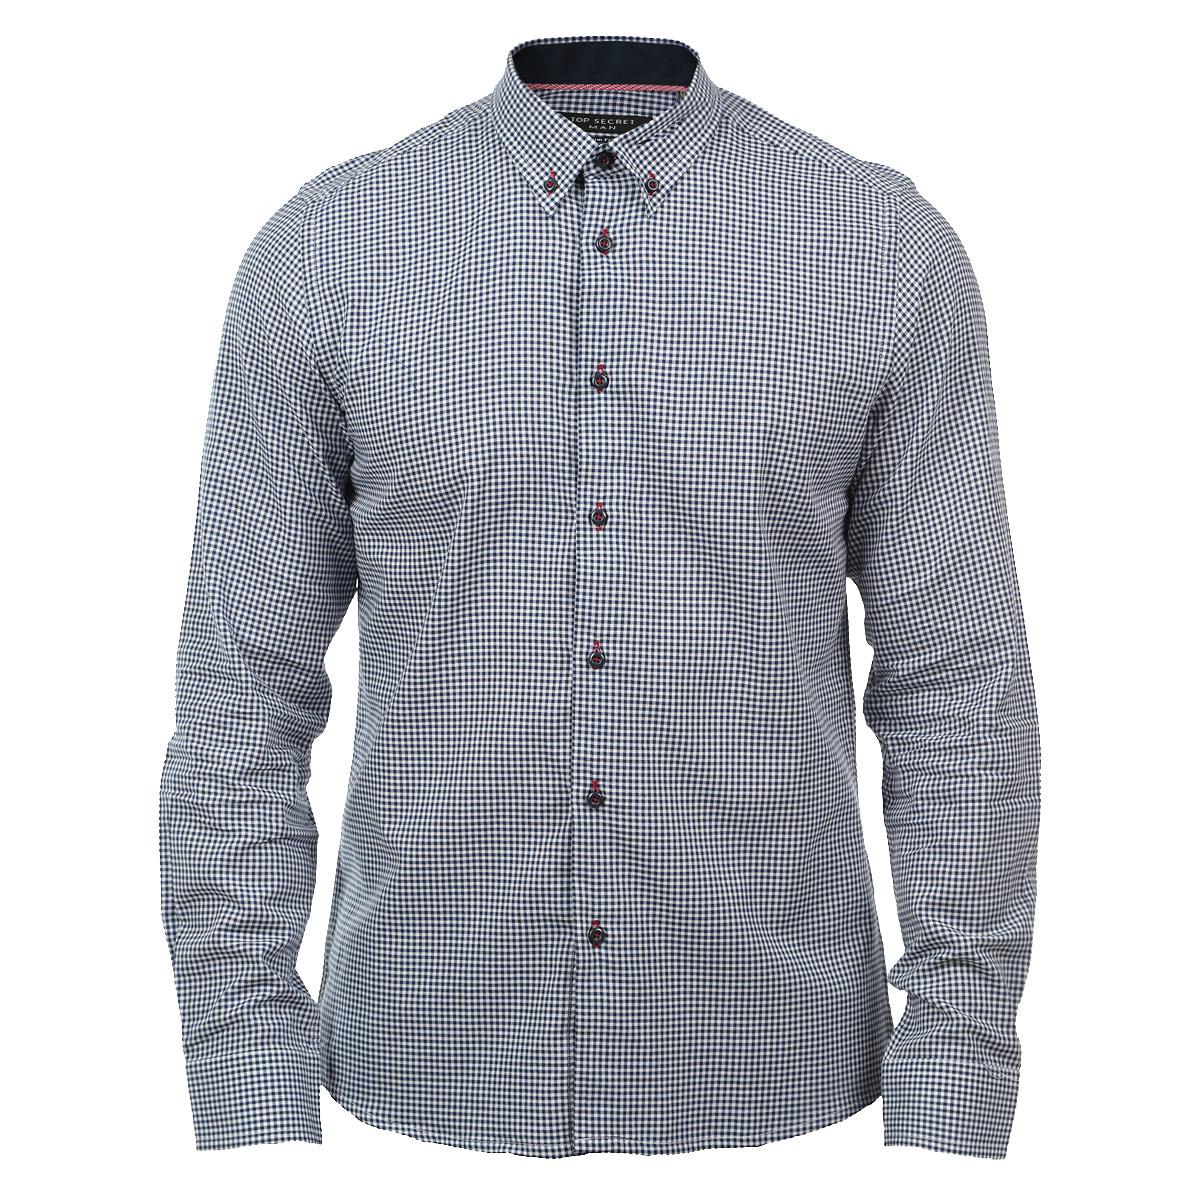 Рубашка мужская. SKL1677NISKL1677NIМужская рубашка Top Secret, выполненная из высококачественного хлопка, обладает высокой теплопроводностью, воздухопроницаемостью и гигроскопичностью, позволяет коже дышать, тем самым обеспечивая наибольший комфорт при носке. Рубашка прямого кроя с короткими рукавами и отложным воротником застегивается на пуговицы. Рубашка оформлена оригинальным принтом в мелкую клетку. Такая рубашка подчеркнет ваш вкус и поможет создать великолепный современный образ.